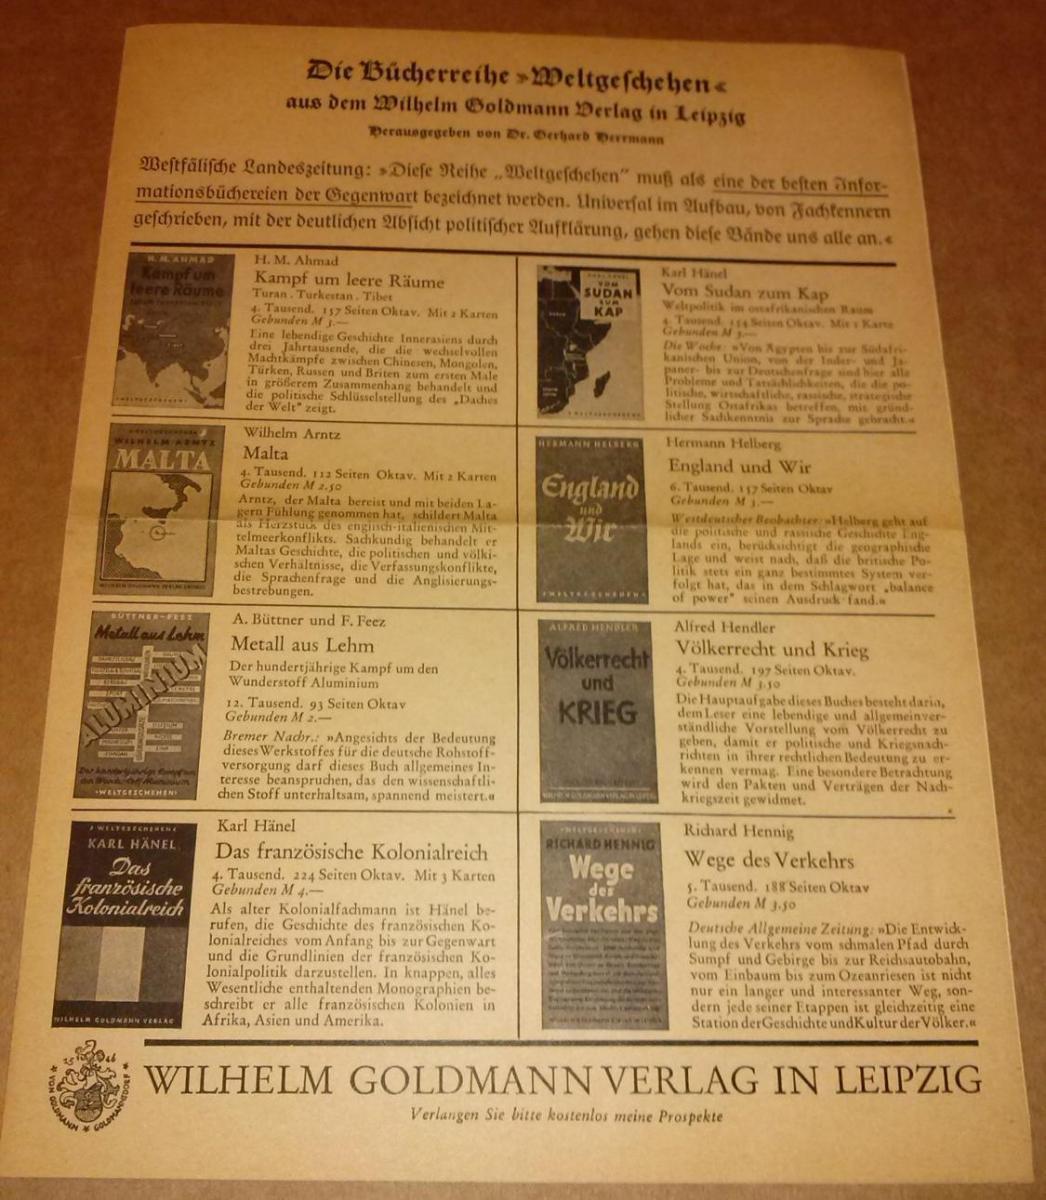 Werbeprospekt - Die Bücherreihe  aus dem Wilhelm Goldmann Verlag in Leipzig - herausgegeben von Dr. Gerhard Herrmann. Preisangabe in M (Mark). 0